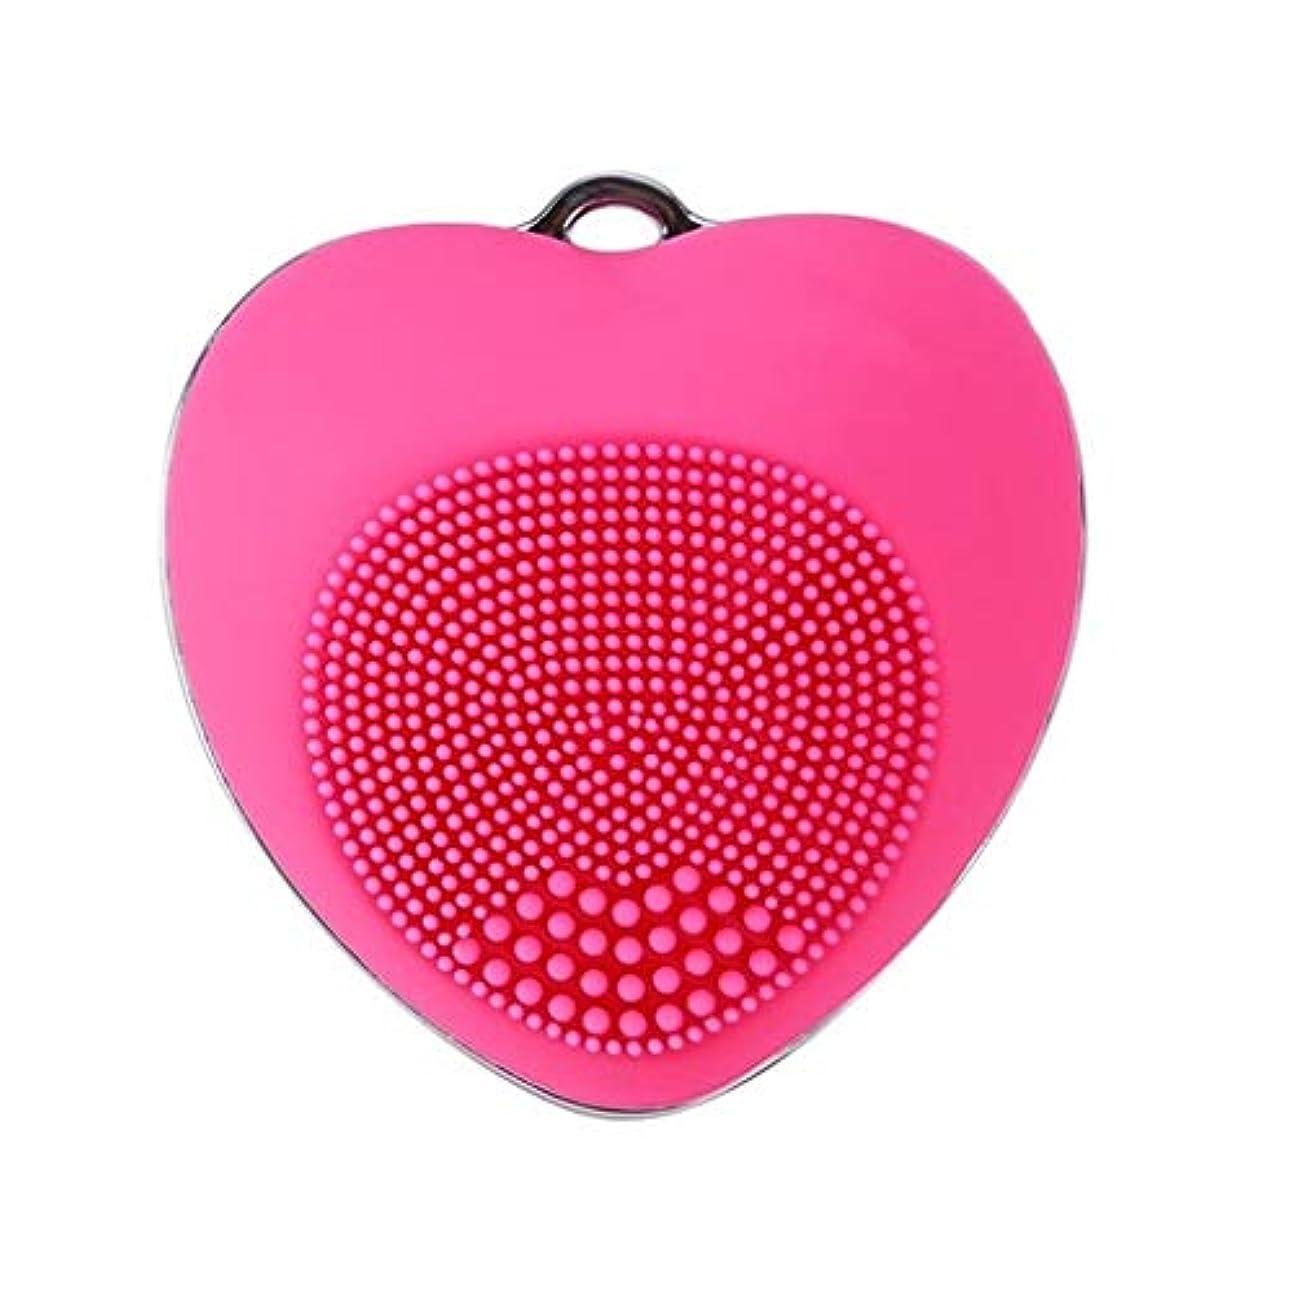 息子調査和電気クレンジング器具、超音波洗浄ポータブルフェイシャルマッサージャーきれいな毛穴深いクレンジング穏やかな角質除去黒ずみを除去 (Color : Rose Red)